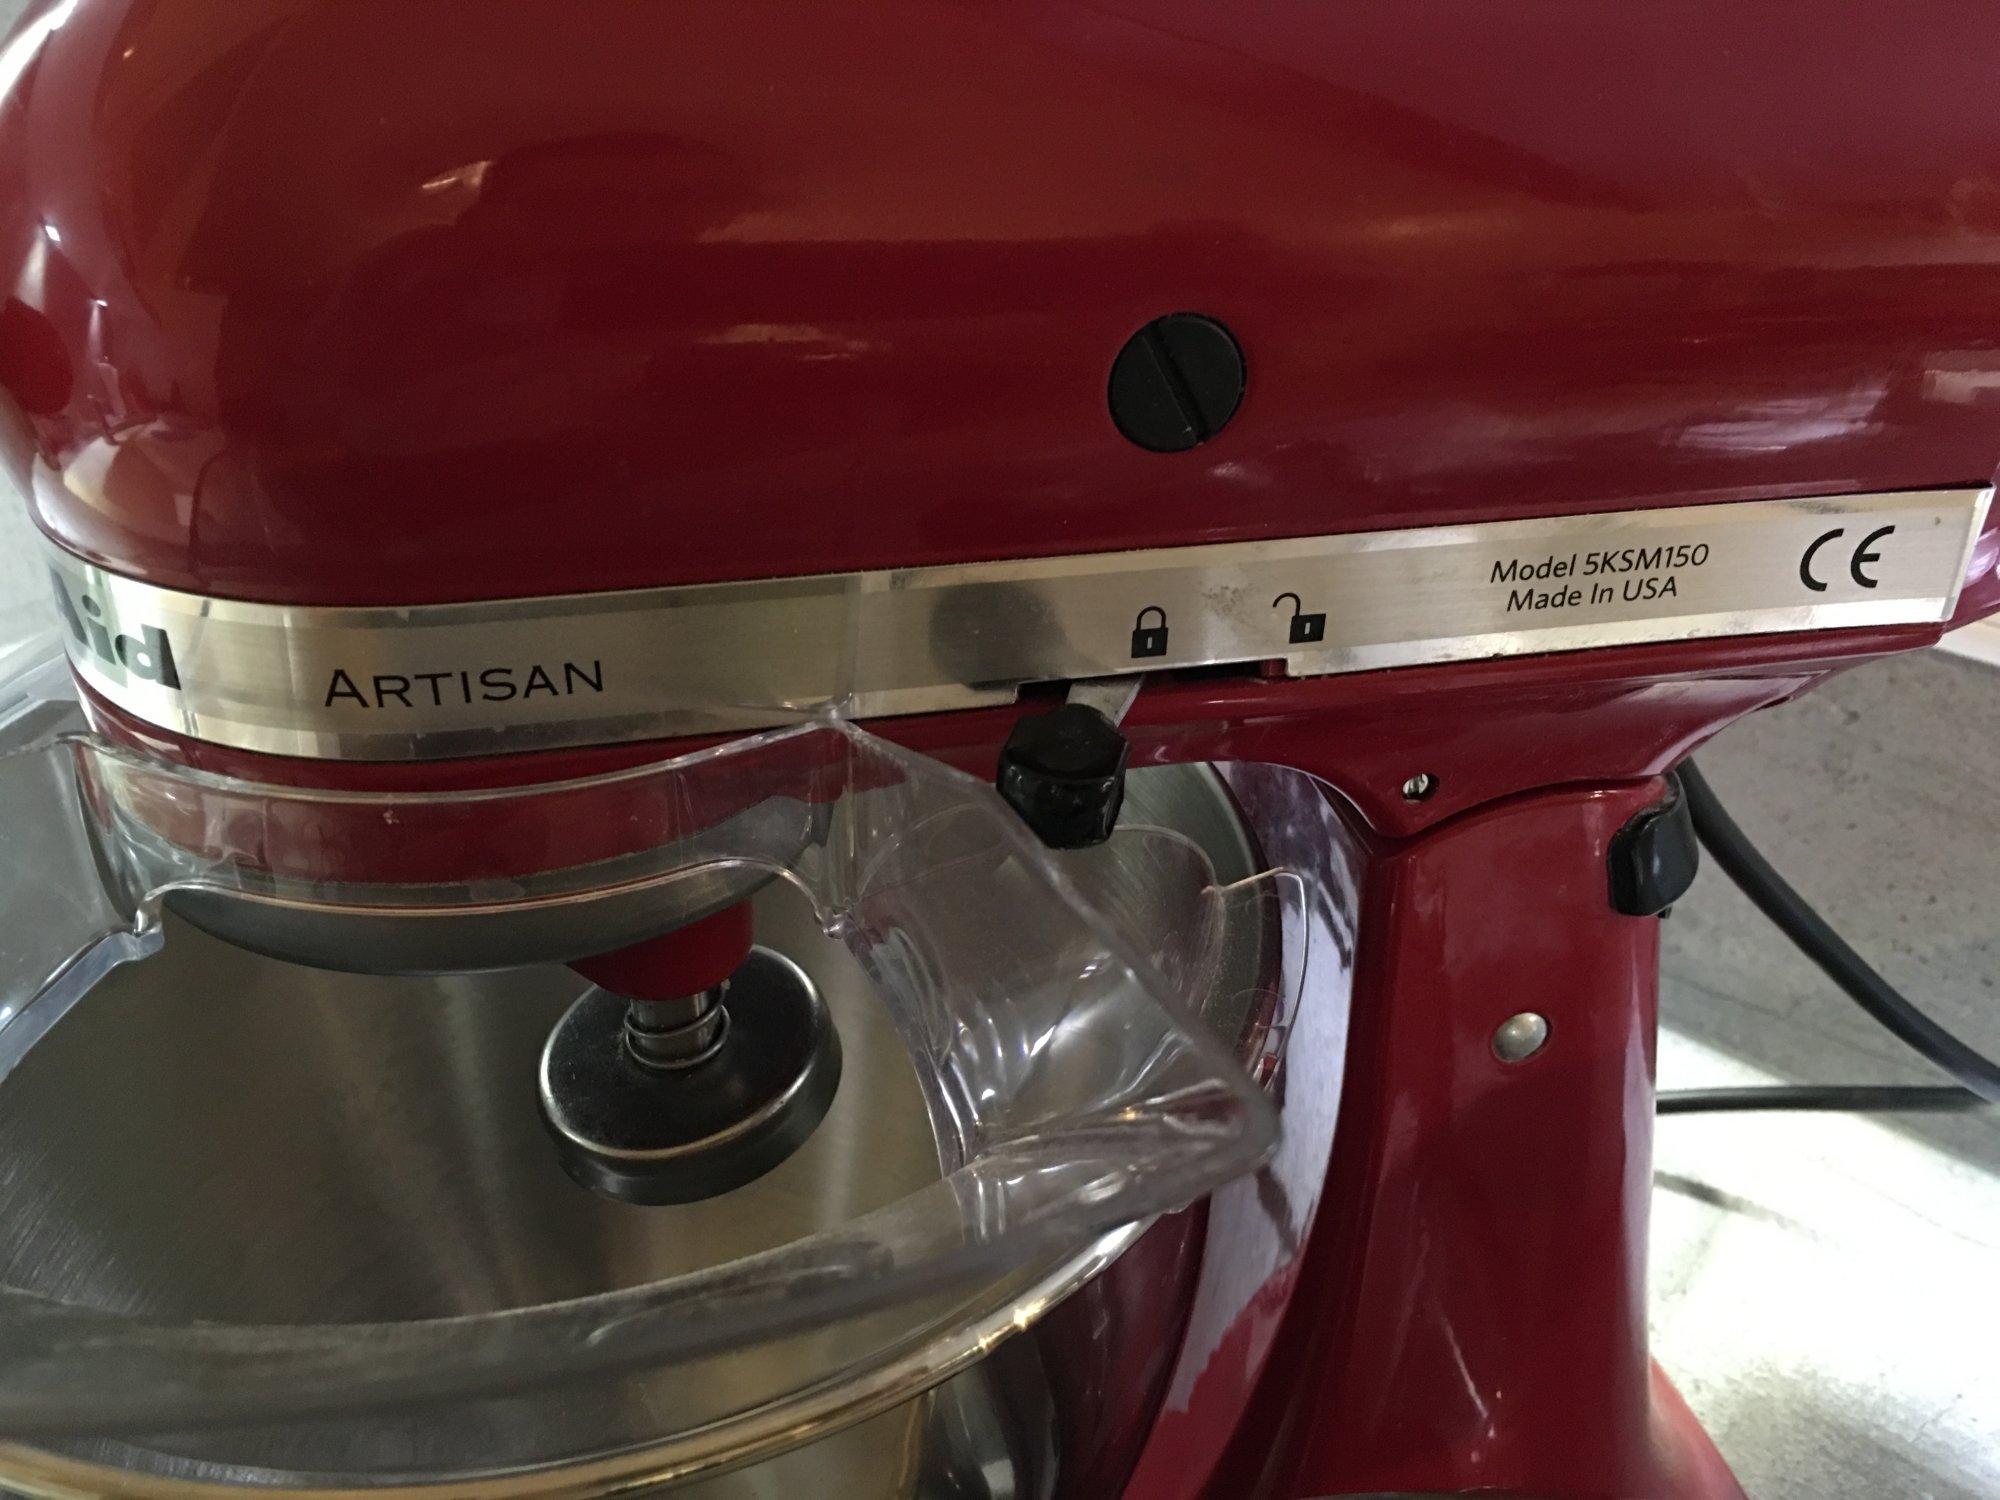 Verkaufe] - KitchenAid Artisan Küchenmaschine und KitchenAid Artisan ...